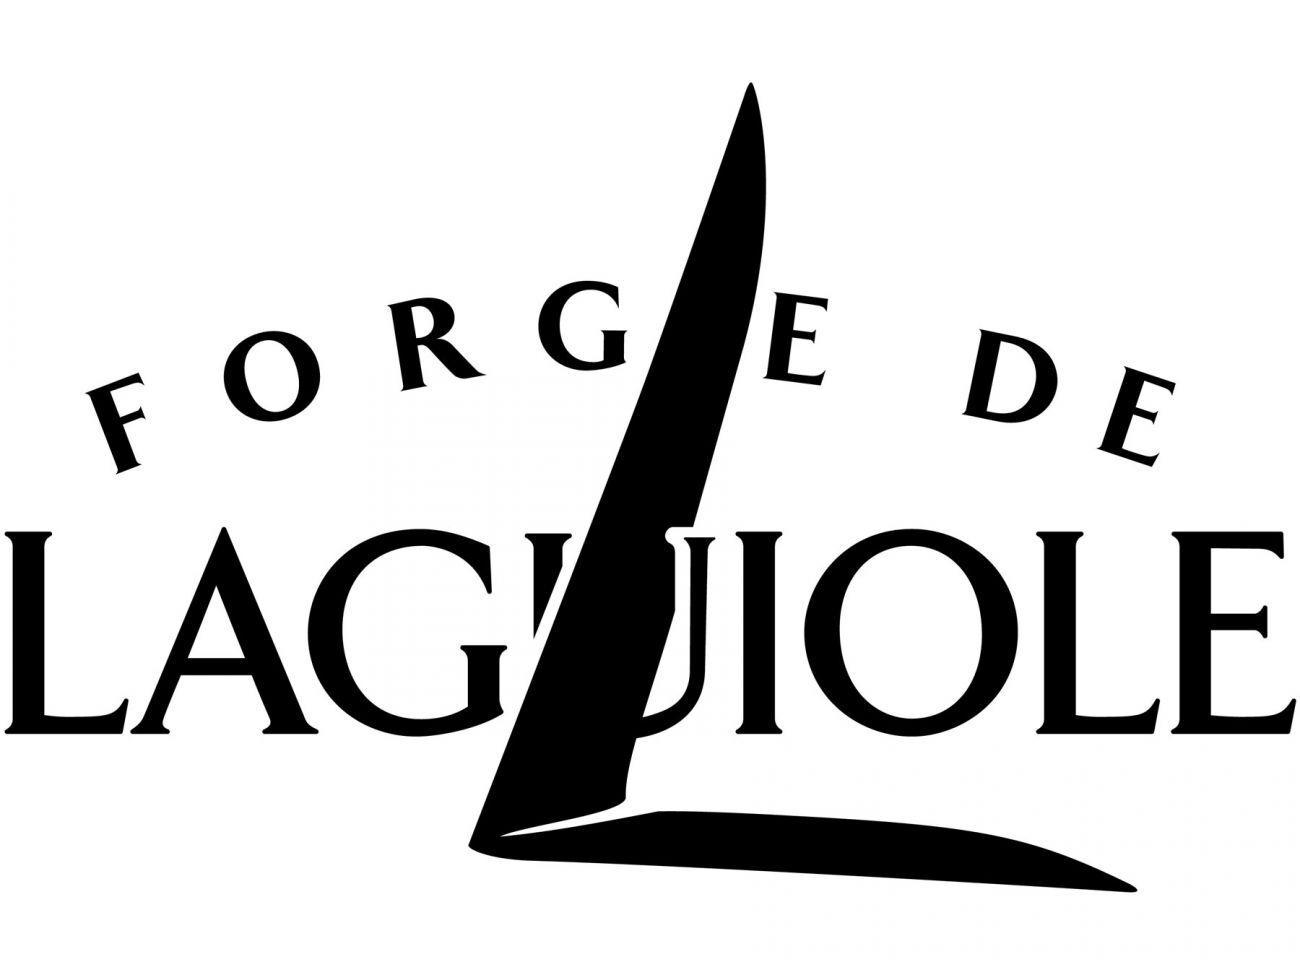 Forge de Laguiole Couteau Couteau de poche poche poche 11 cm Manche Bois Mooreiche 1011 F Brite e77228